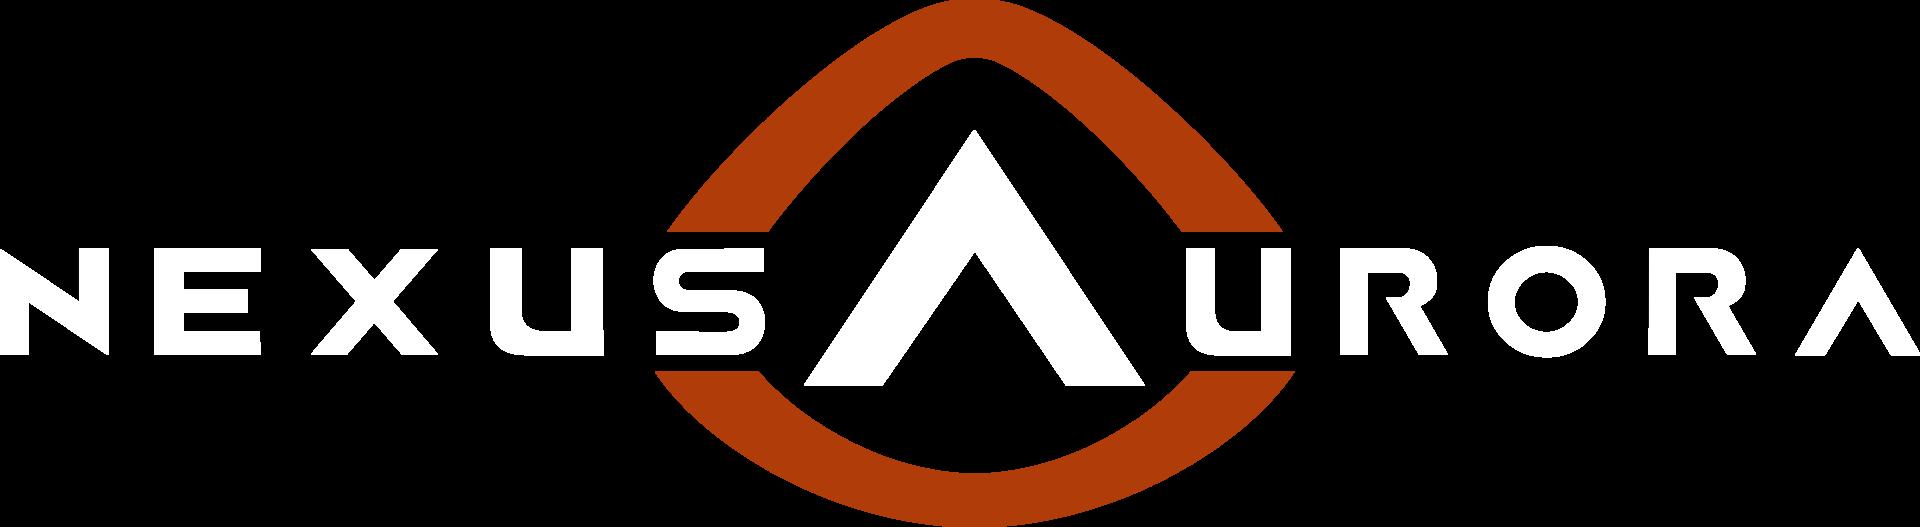 Nexus Aurora Logo